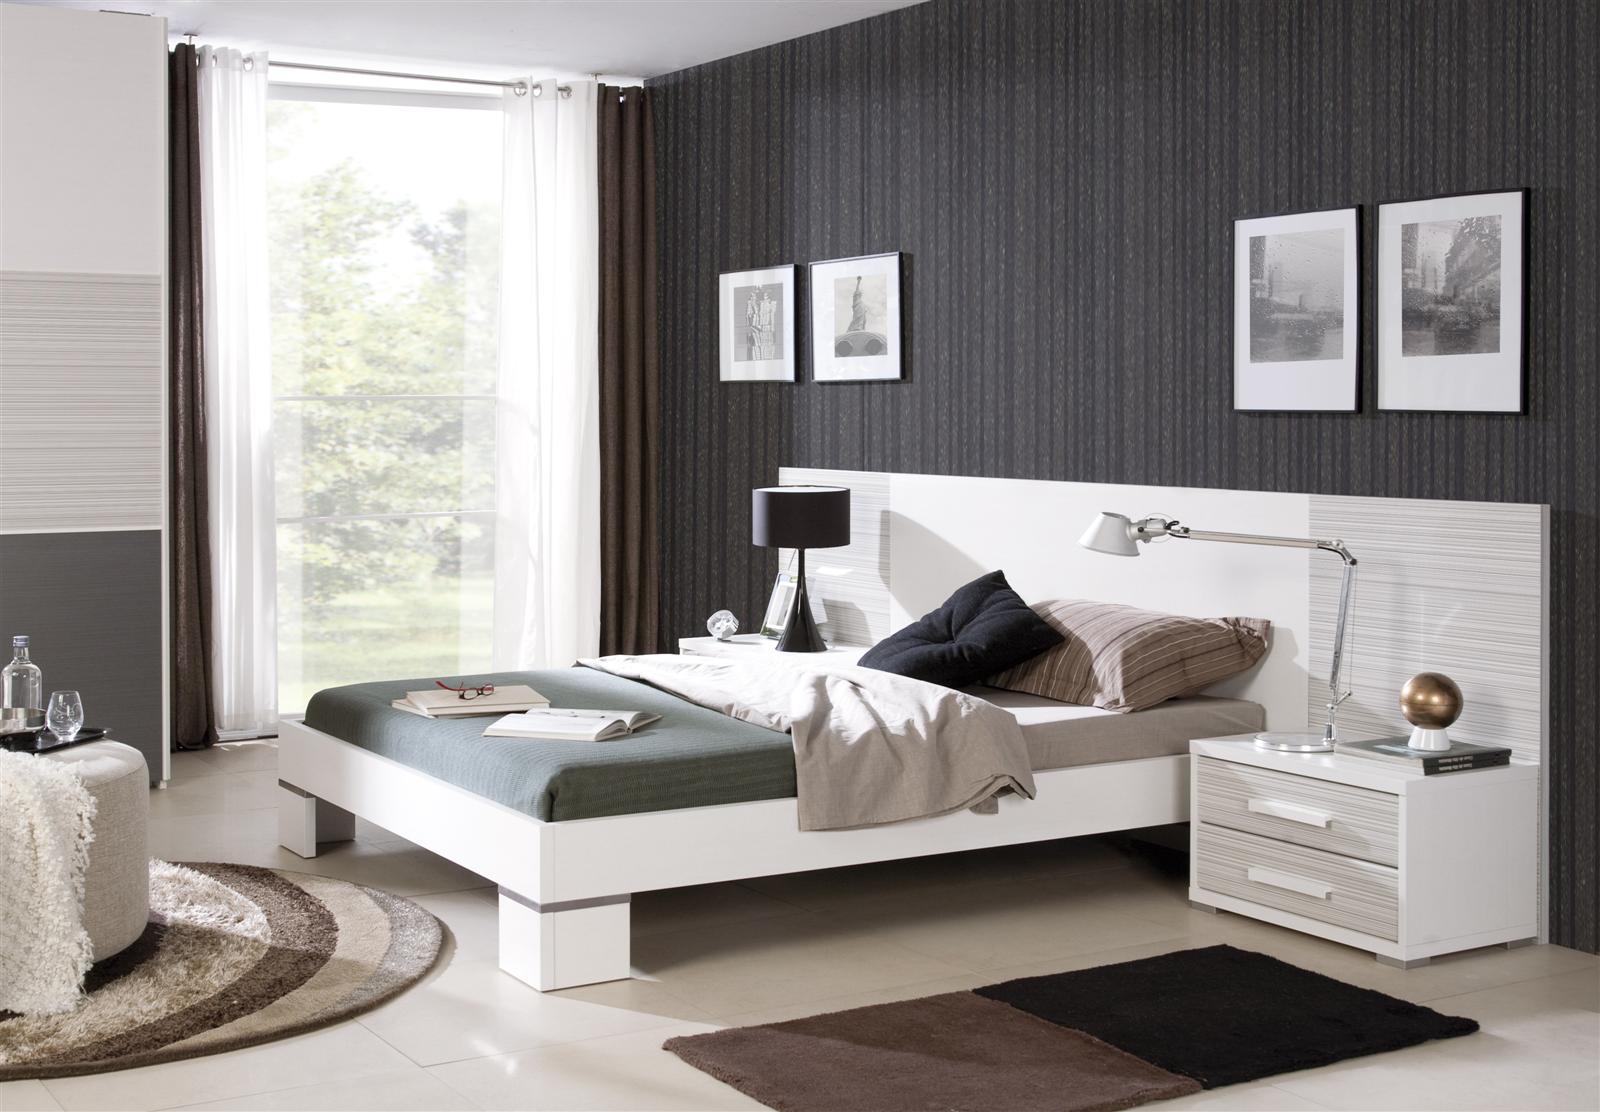 muebles sayez montigala obtenga ideas dise o de muebles